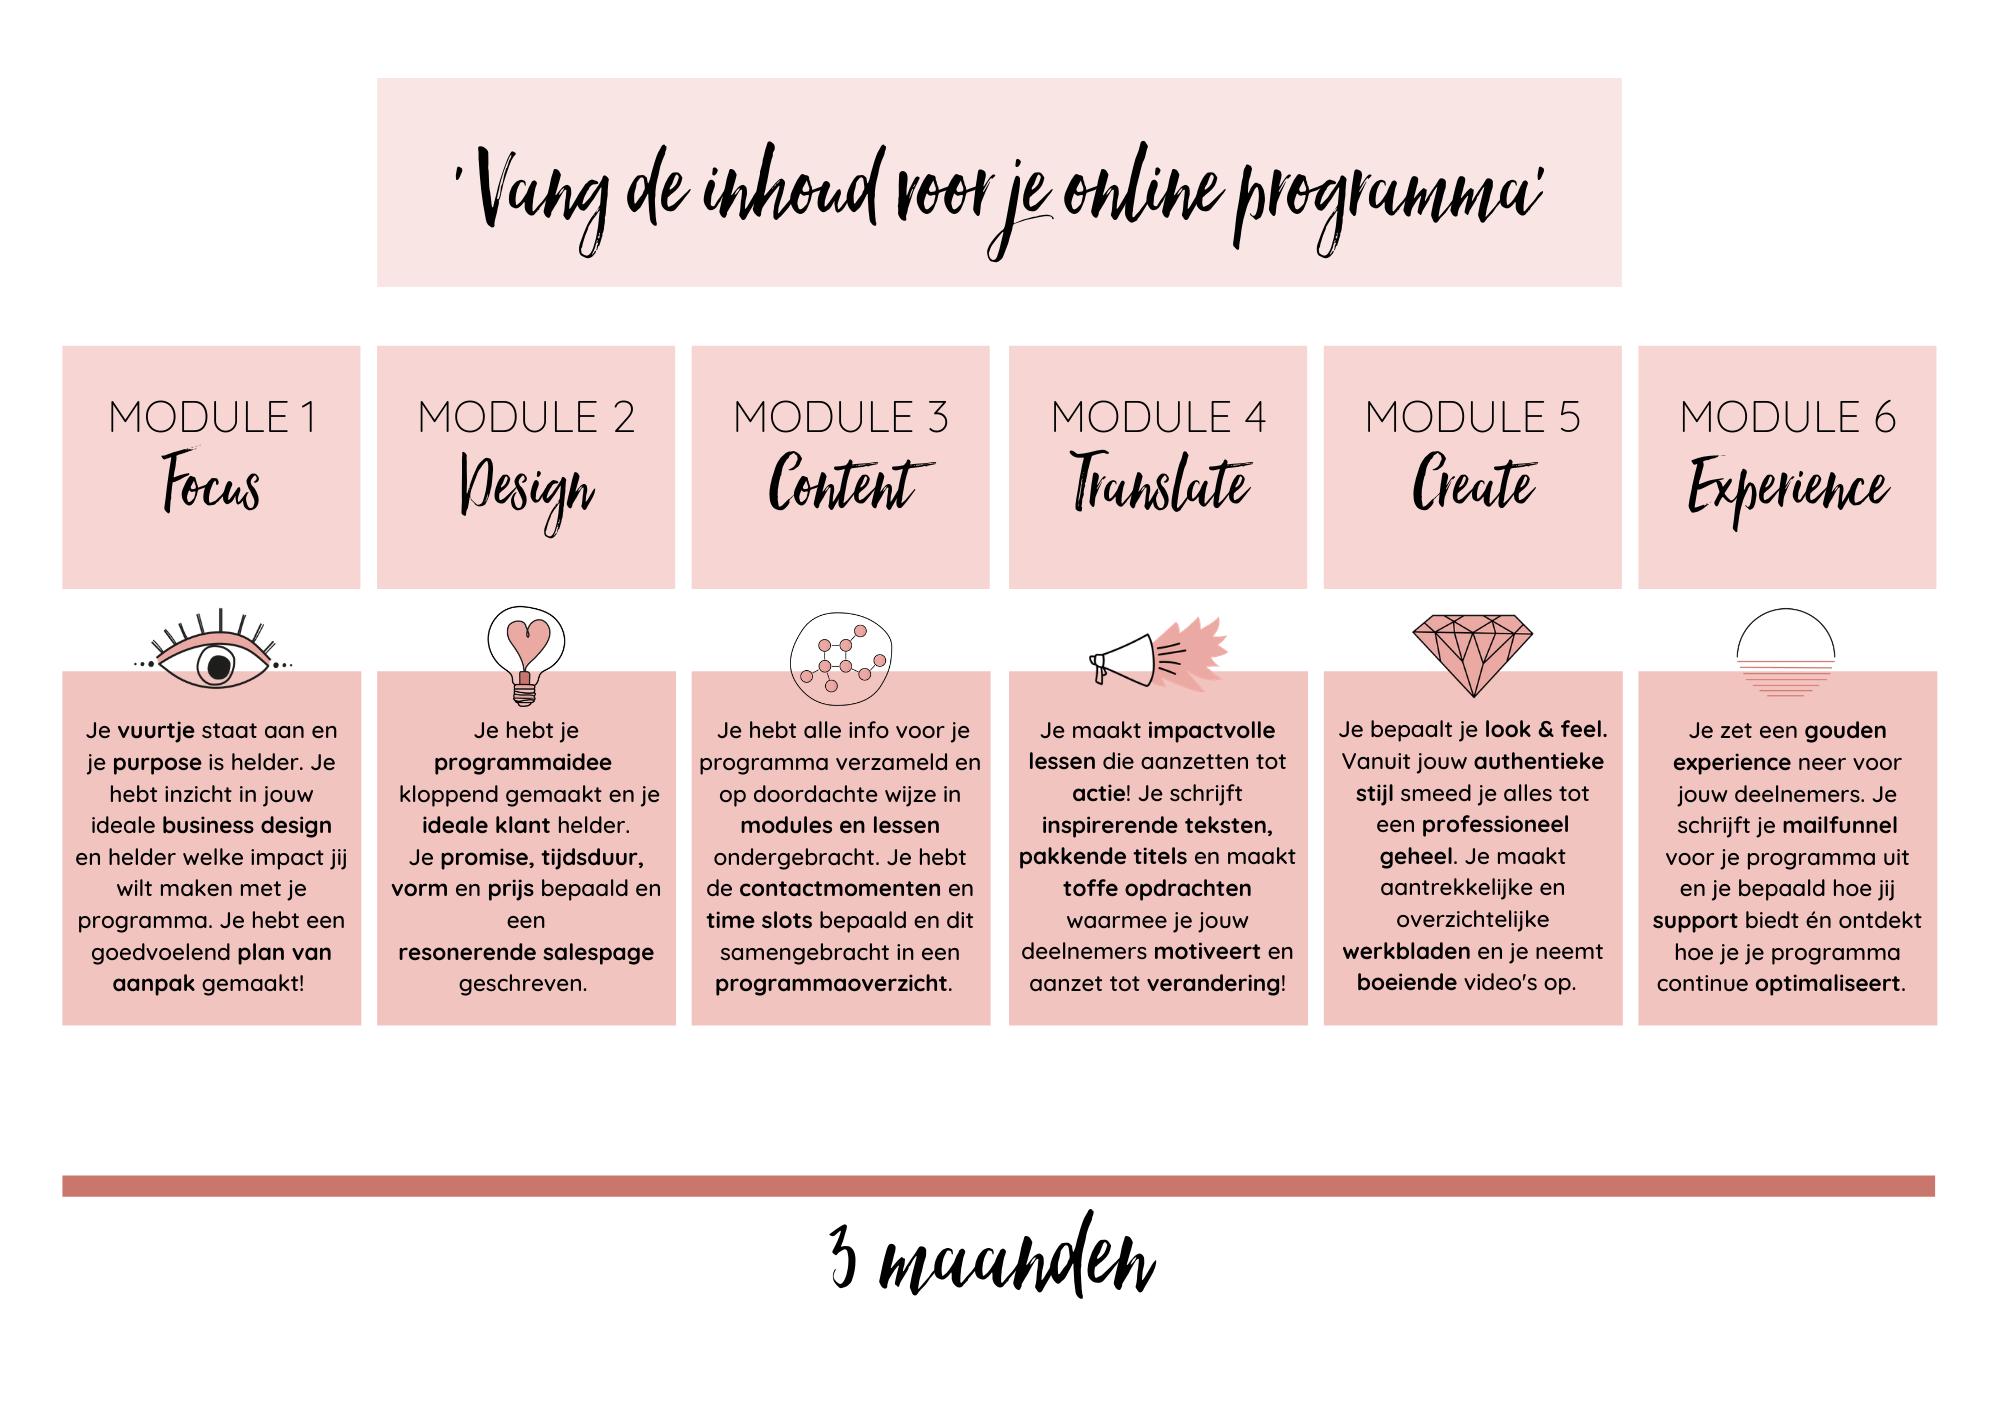 FabriekAuthentiek • Maak je online programma - Vang de inhoud voor je online programma